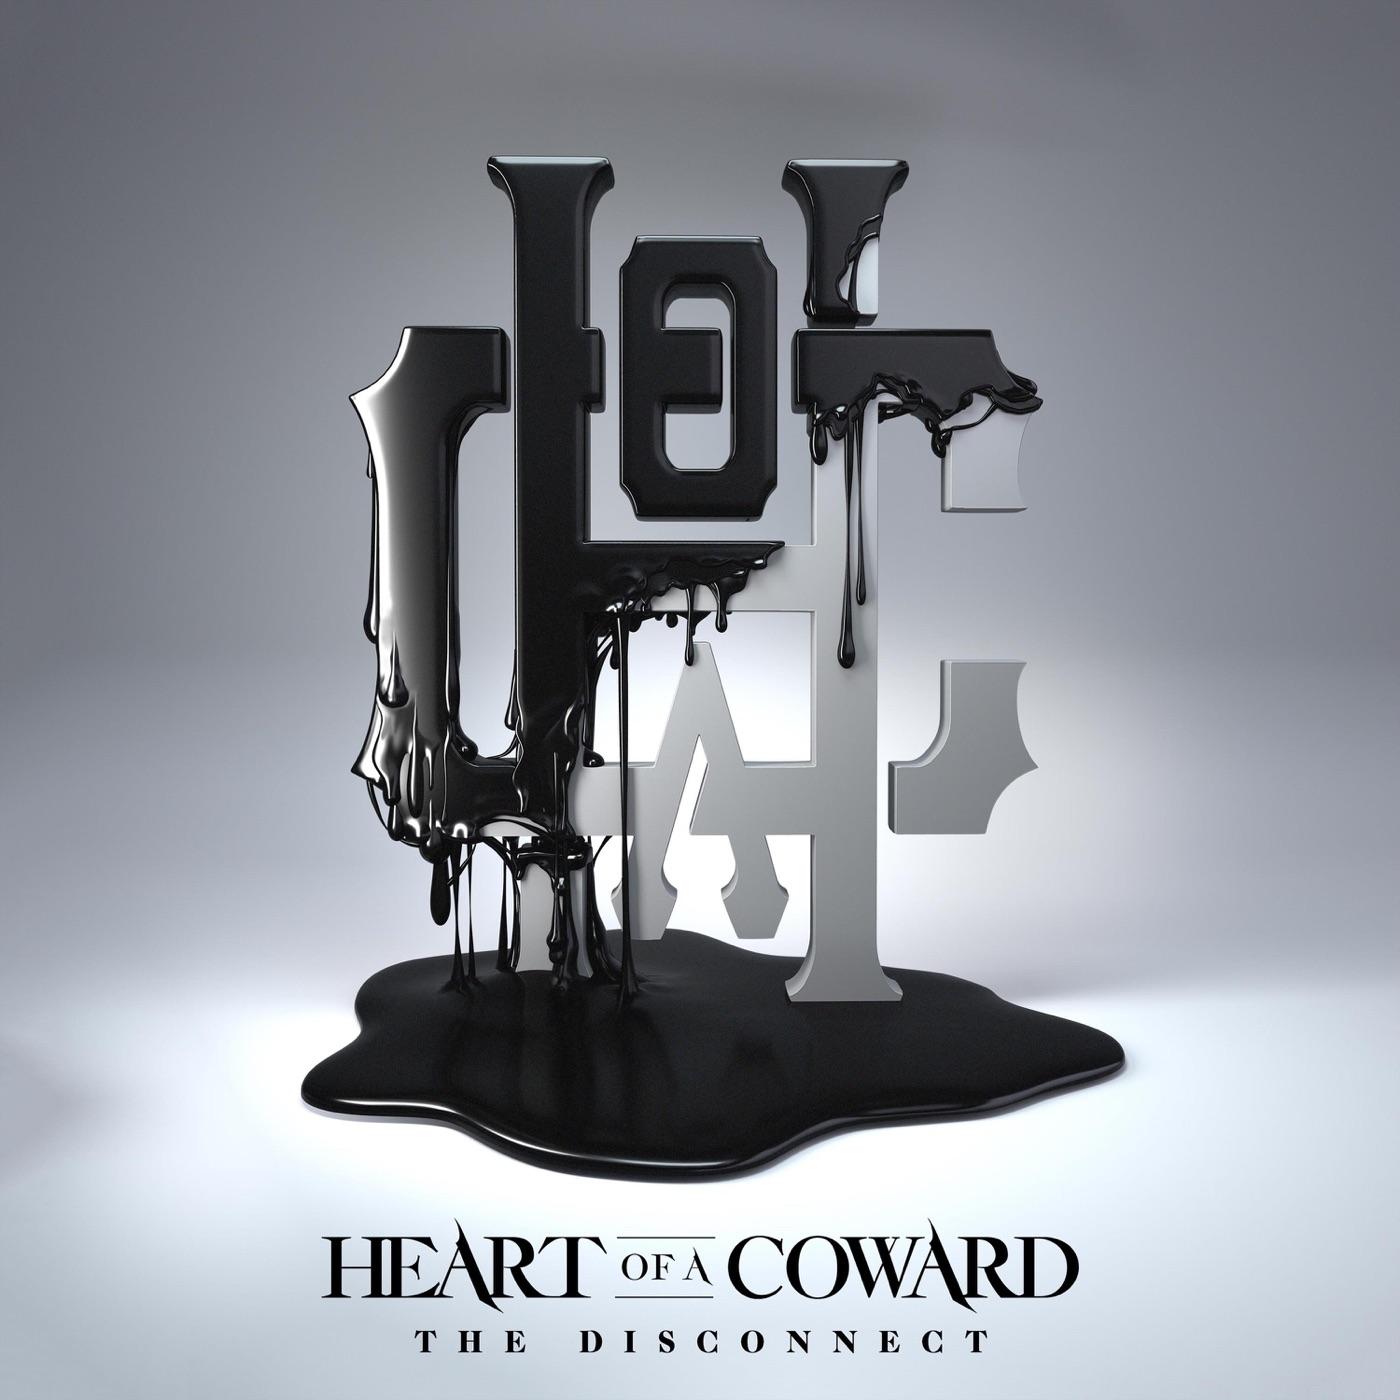 Heart of a Coward - Drown In Ruin [single] (2019)